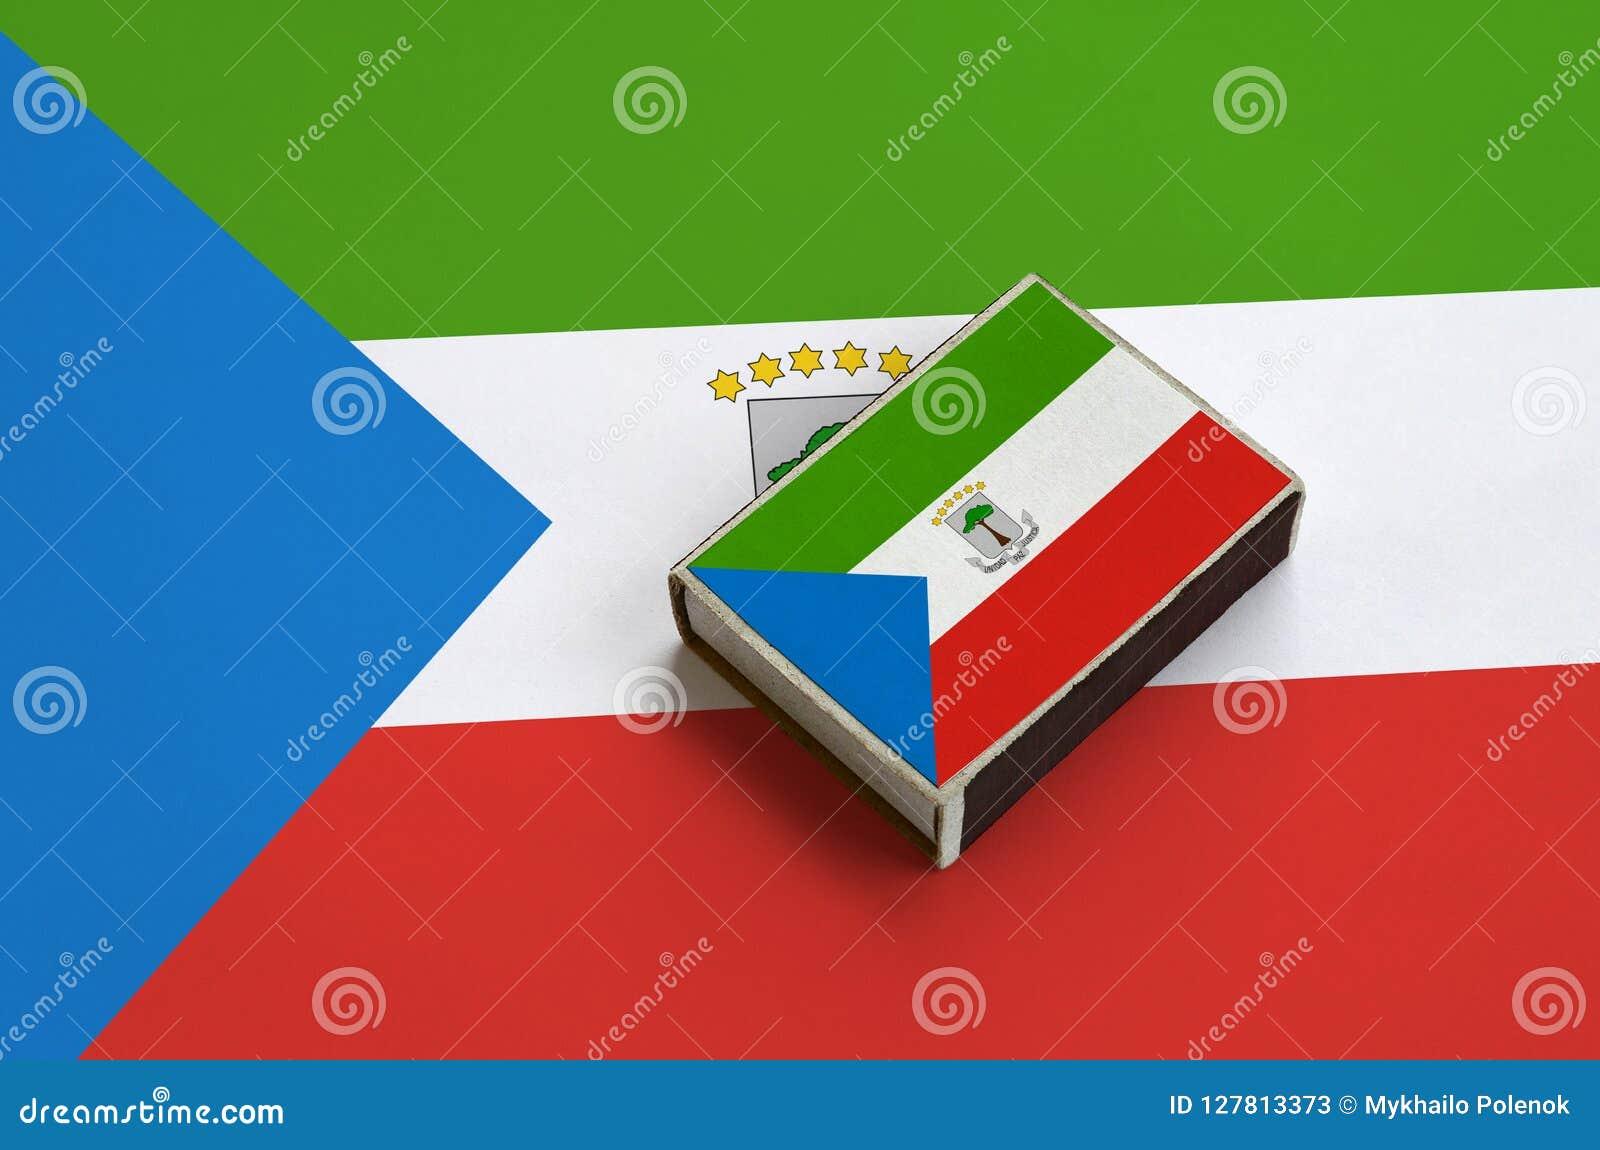 Le drapeau de la Guinée équatoriale est décrit sur une boîte d allumettes qui se trouve sur un grand drapeau